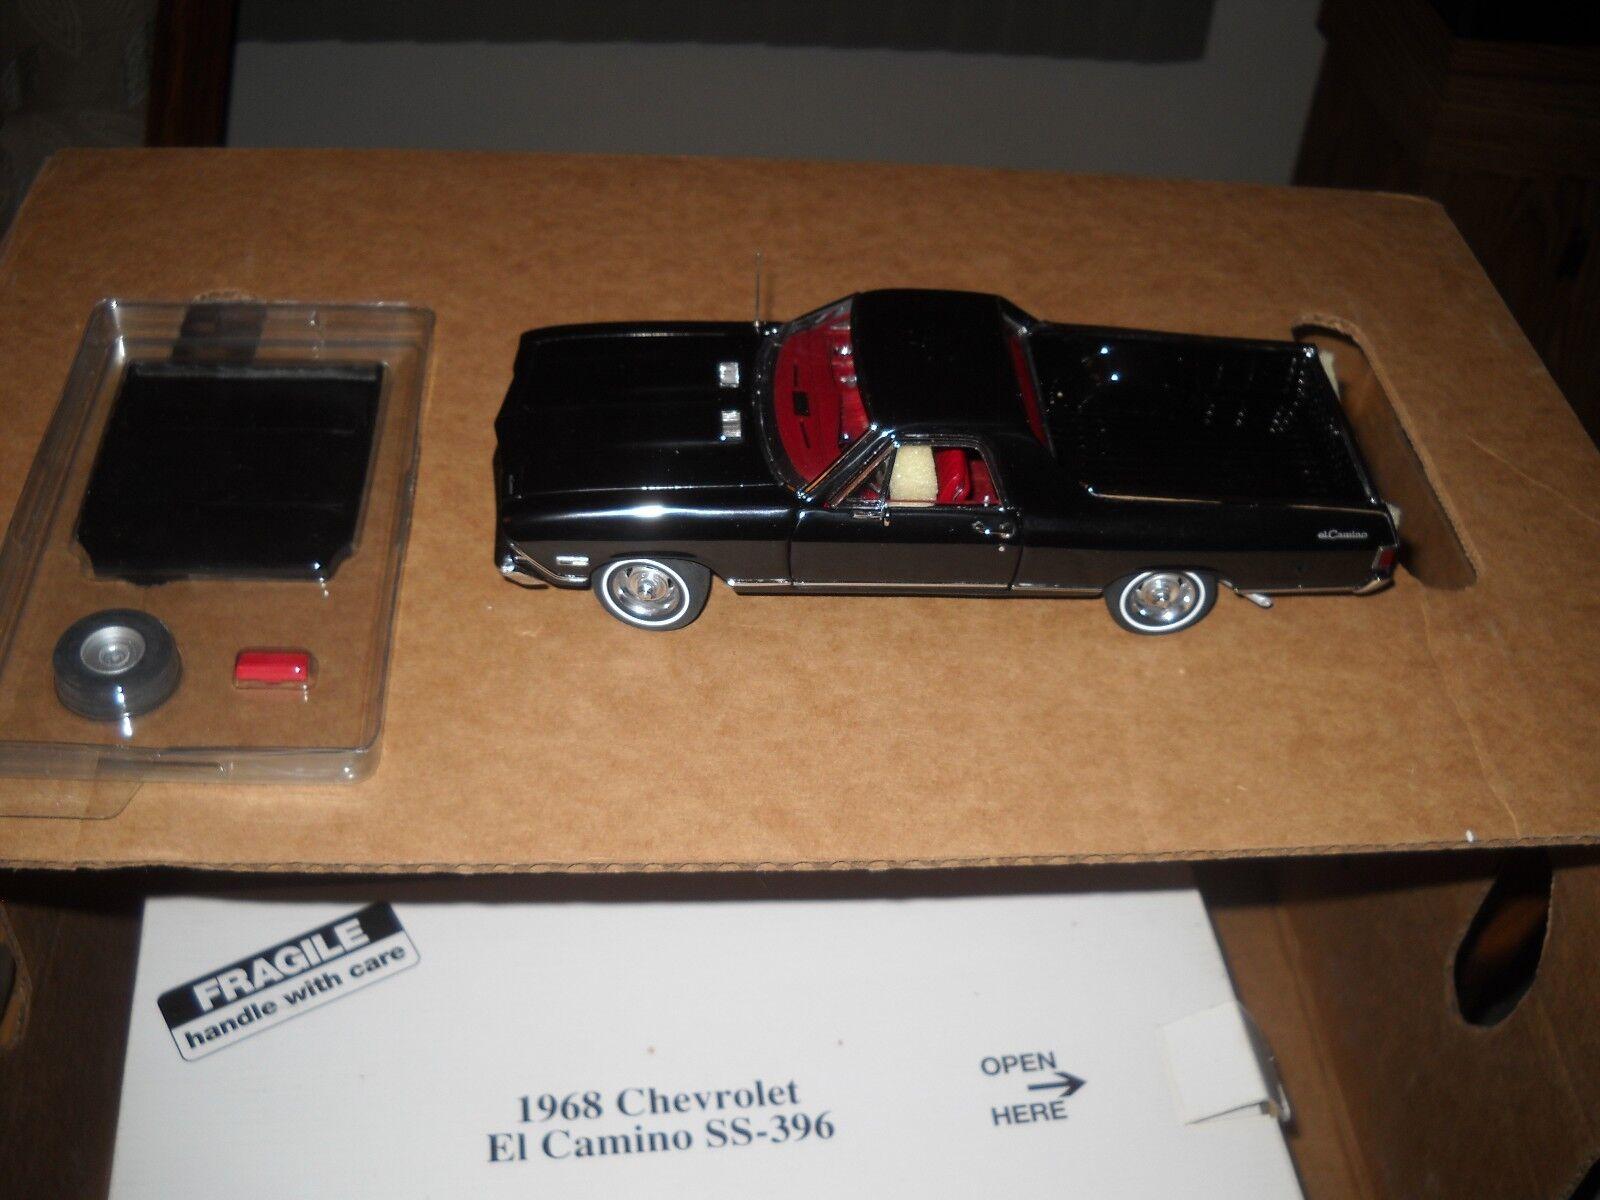 Fábrica de moneda Danbury 1968 Chevrolet el - camino SS - 396 - Relación 1   24 - papel - nuevo vehículo